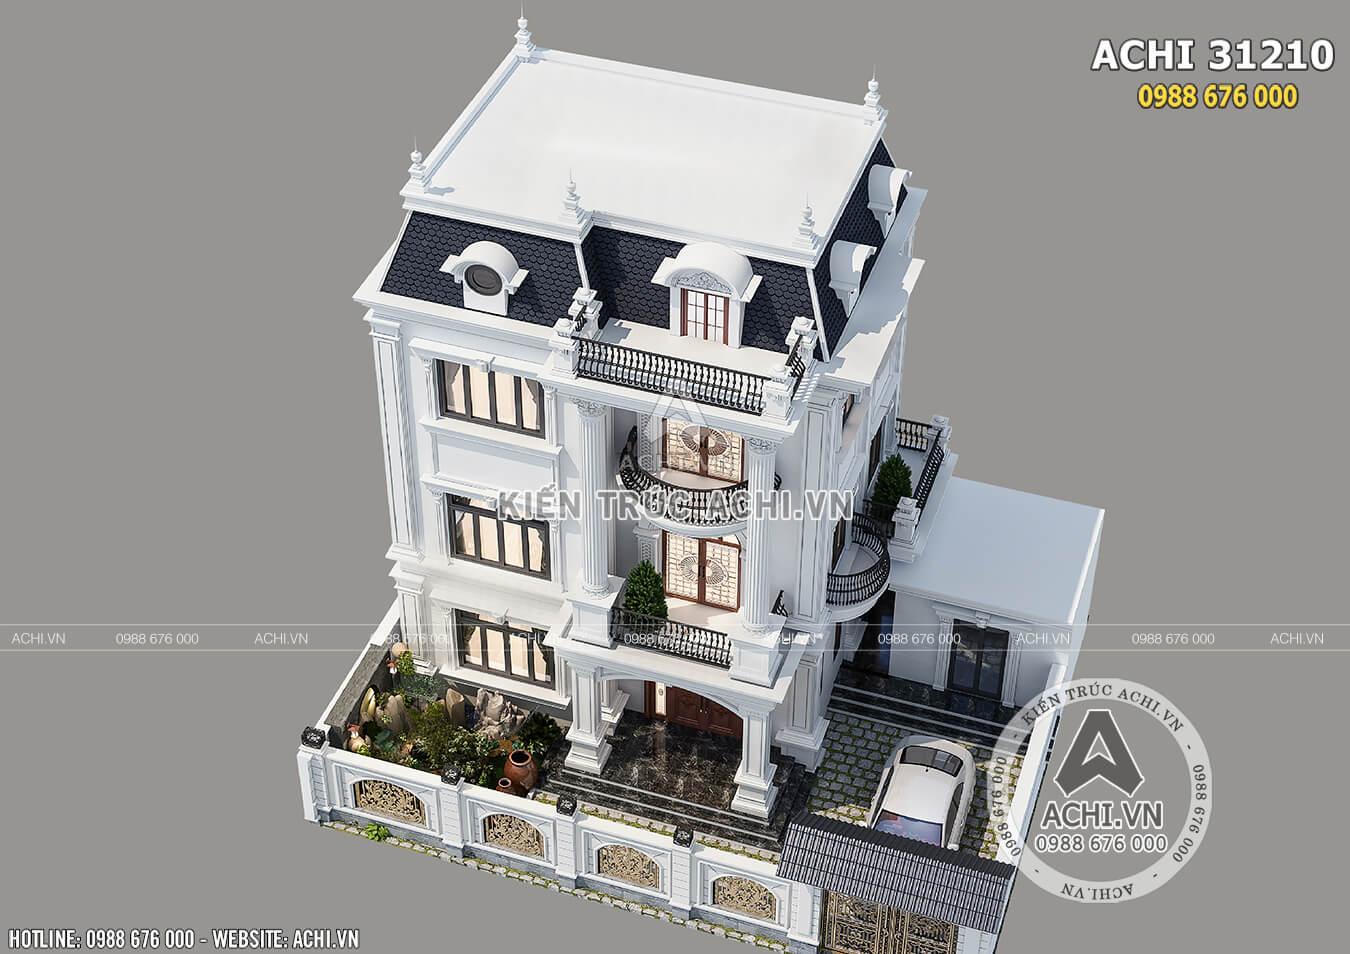 Mẫu biệt thự tân cổ điển 3 tầng đẹp nhìn từ trên cao